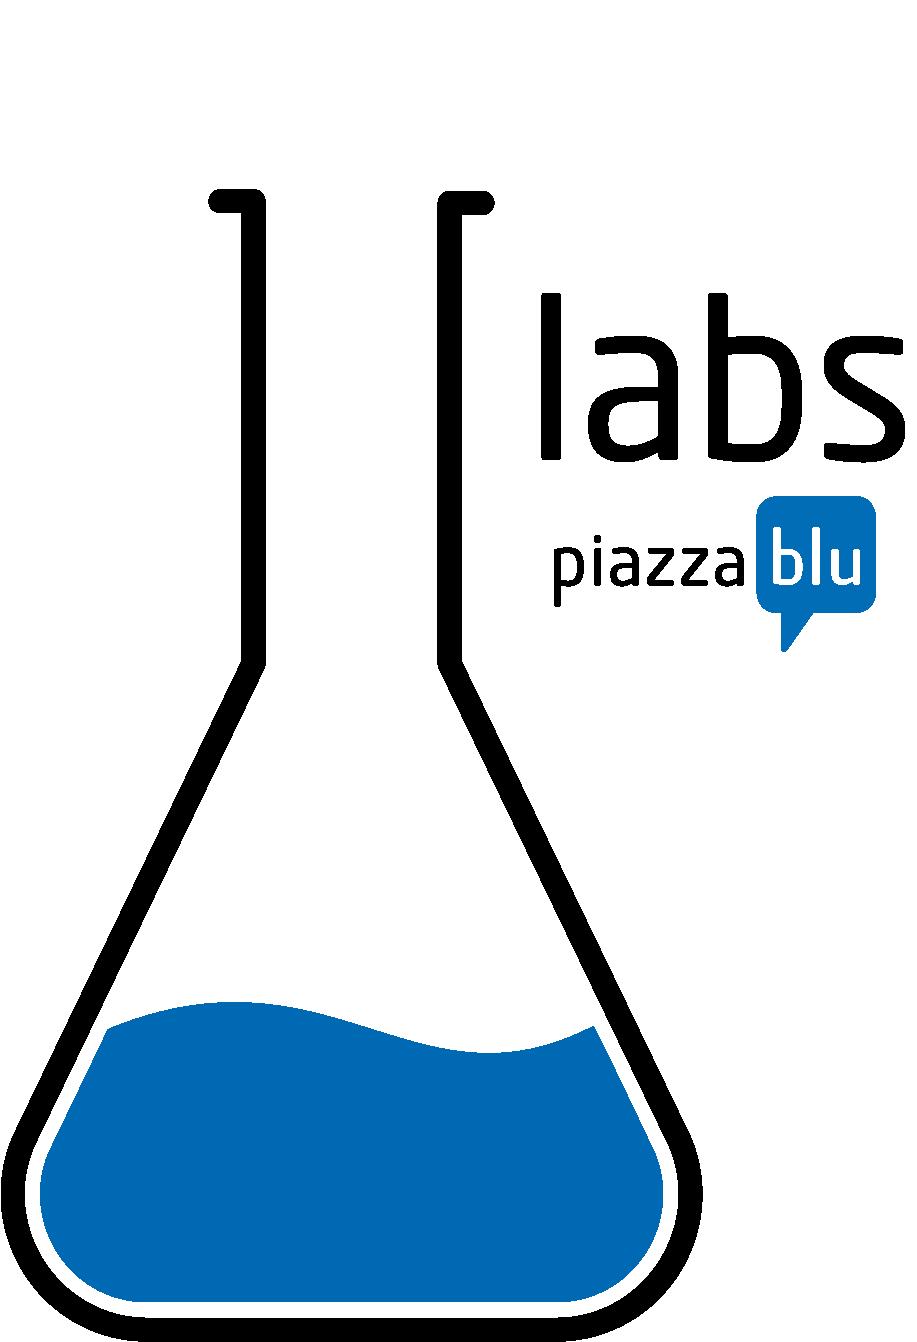 pb labs Logo